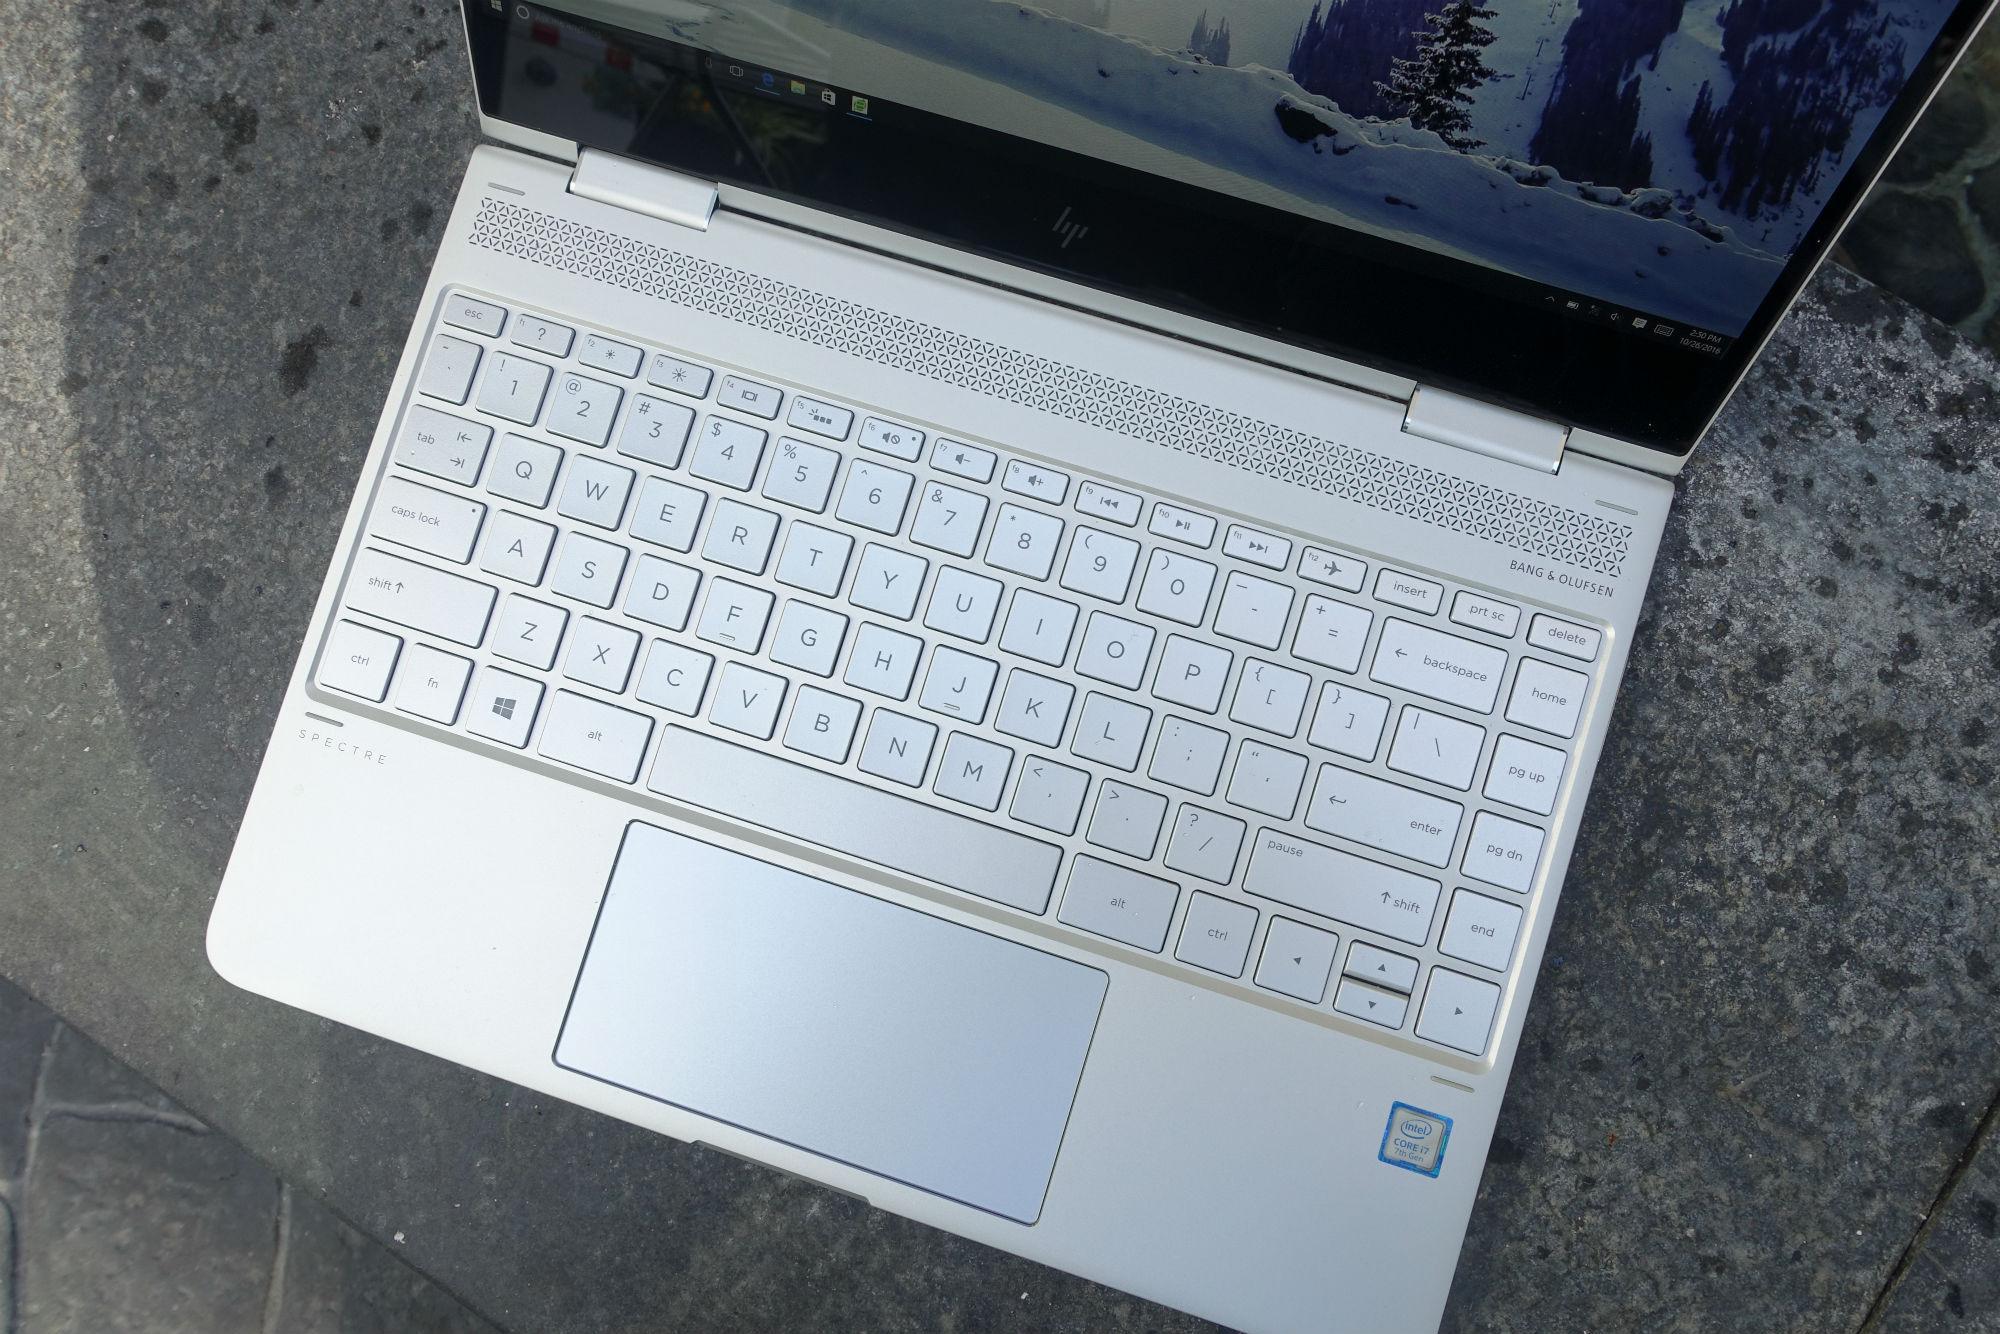 DSC03414 keyboard.jpg